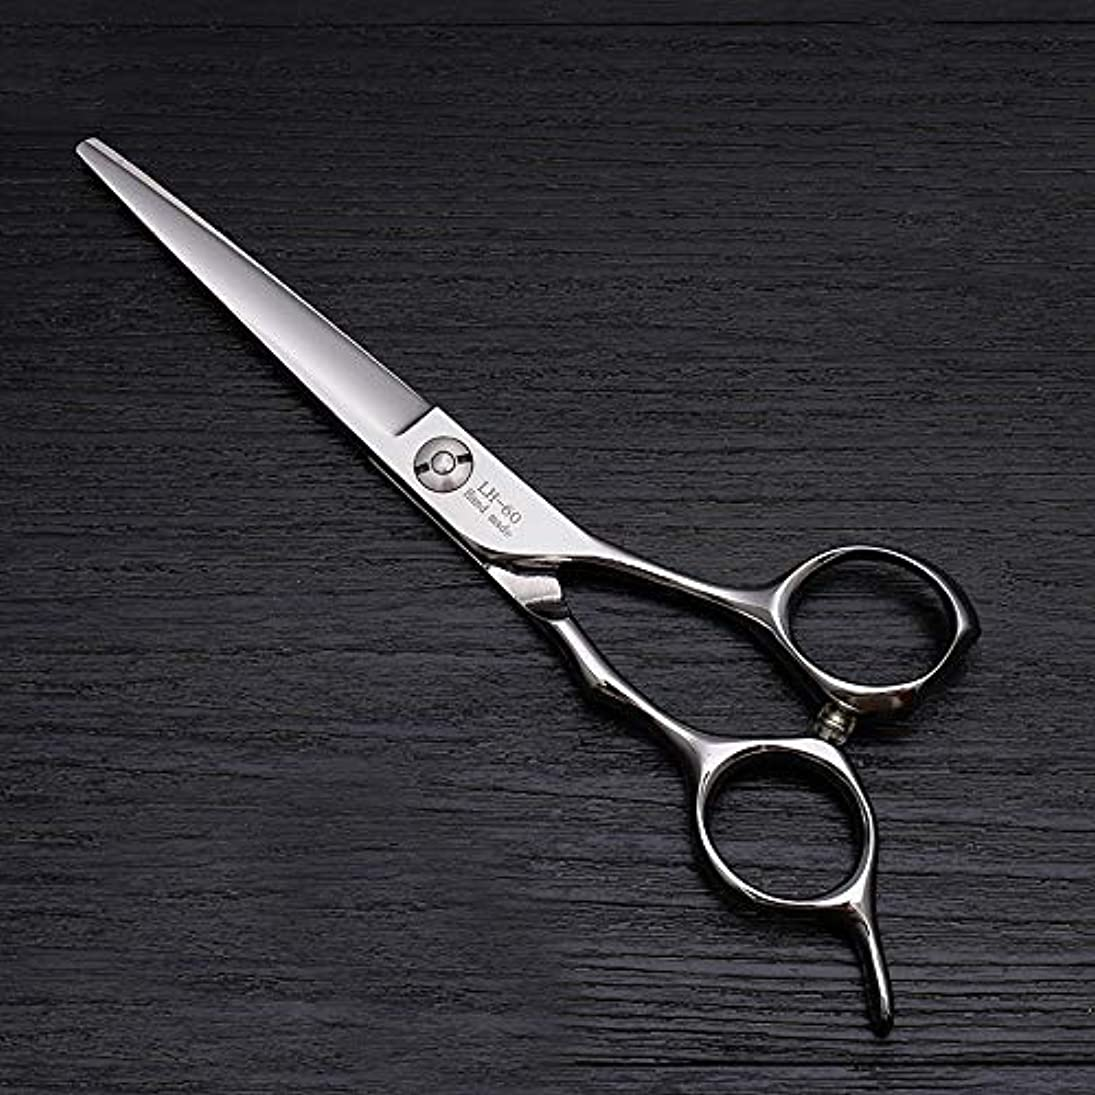 アフリカ人評決テキストHairdressing 6インチ散髪フラットせん断、ハイエンドヘアスタイリスト特別理髪はさみ440高品質スチールヘアカットシザーステンレス理髪はさみ (色 : Silver)